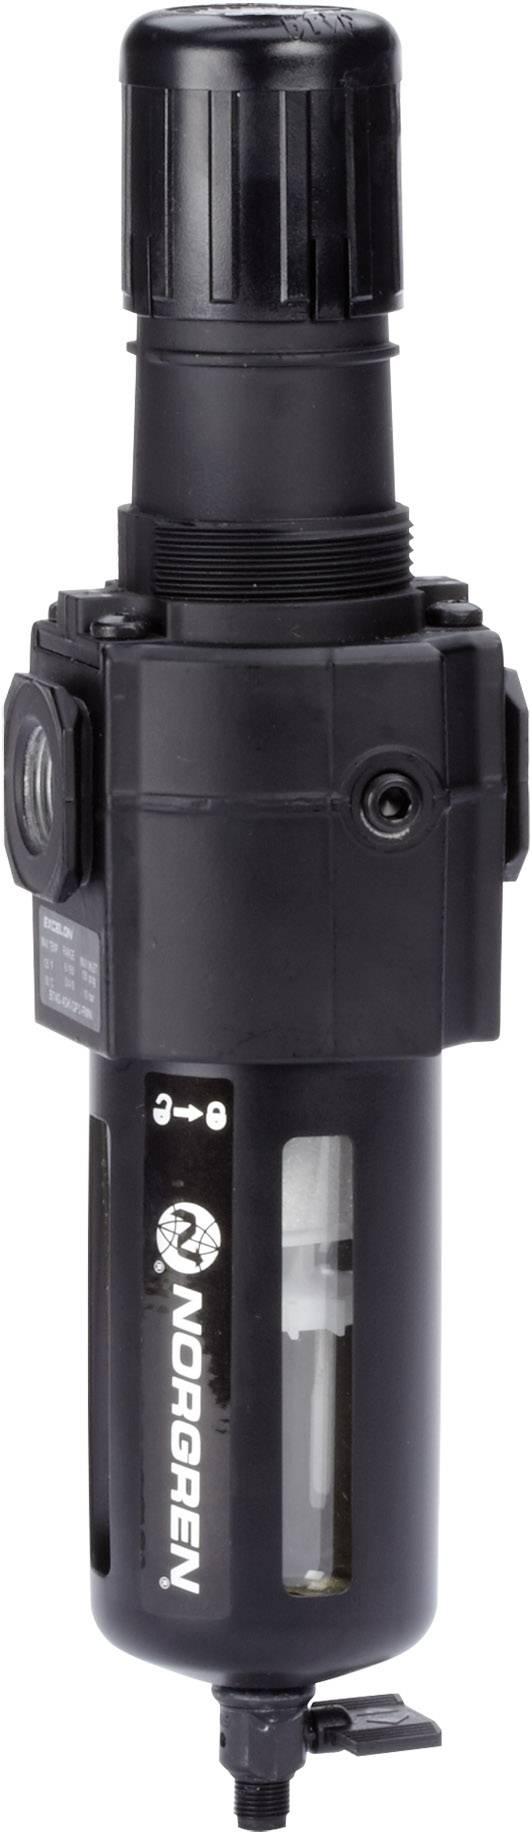 EXCELON®-Série Regulátor filtru Norgren B74G-4GK-QP3-RMN